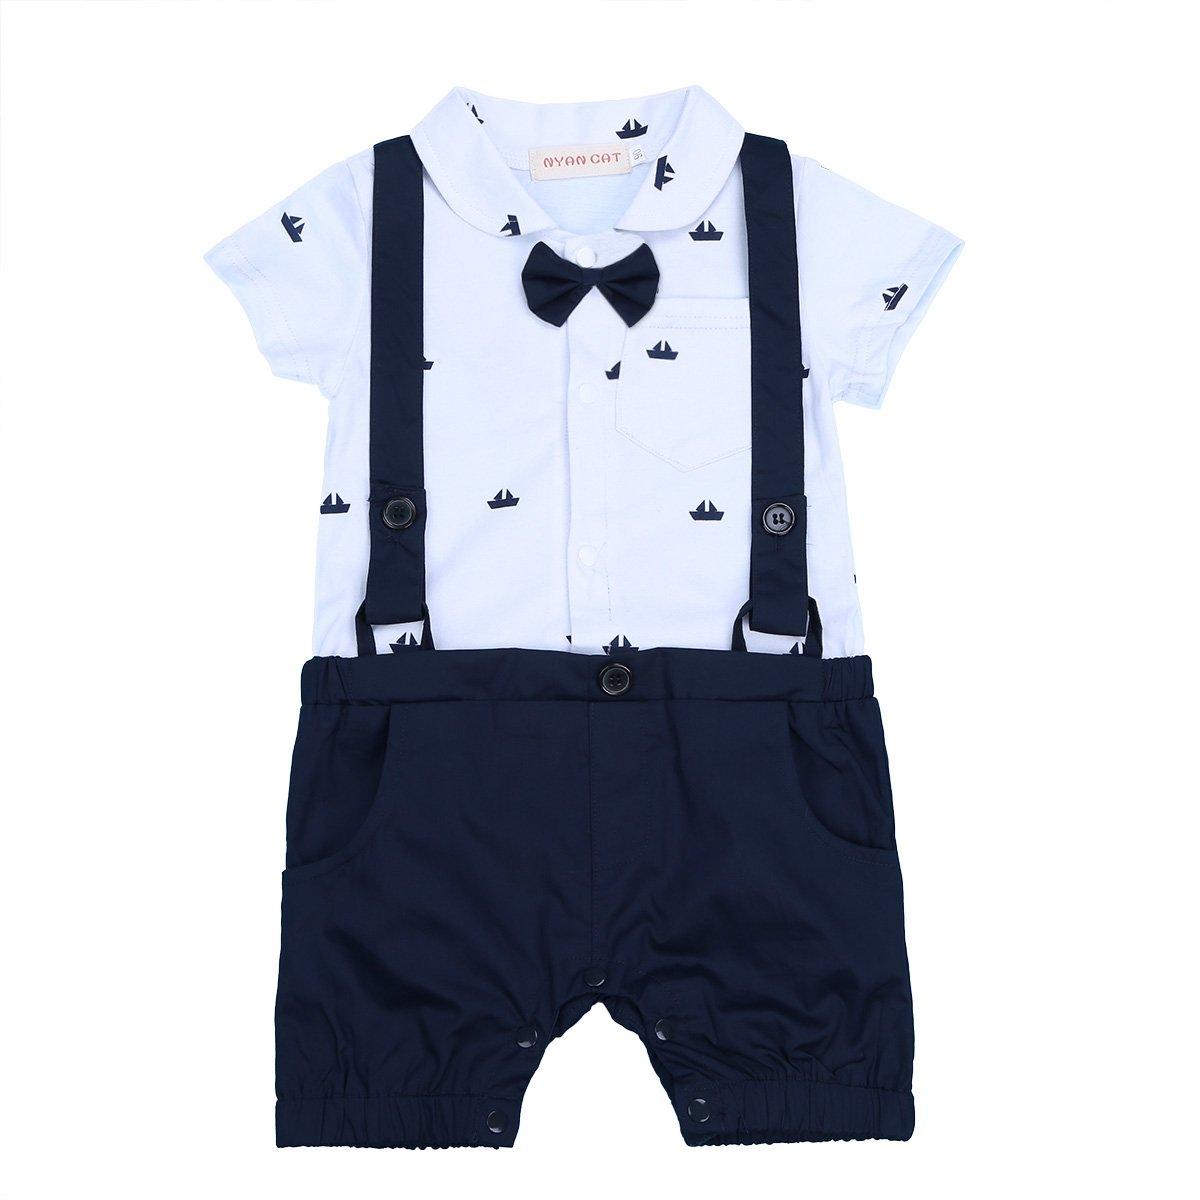 iiniim Bébé Gentleman Costume Body Romper Garçon d'honneur Mariage Impression Combinaison Barboteuse Manches Courtes Cravate à Papillon Noeud Bodysuit Coton 6-24 Mois